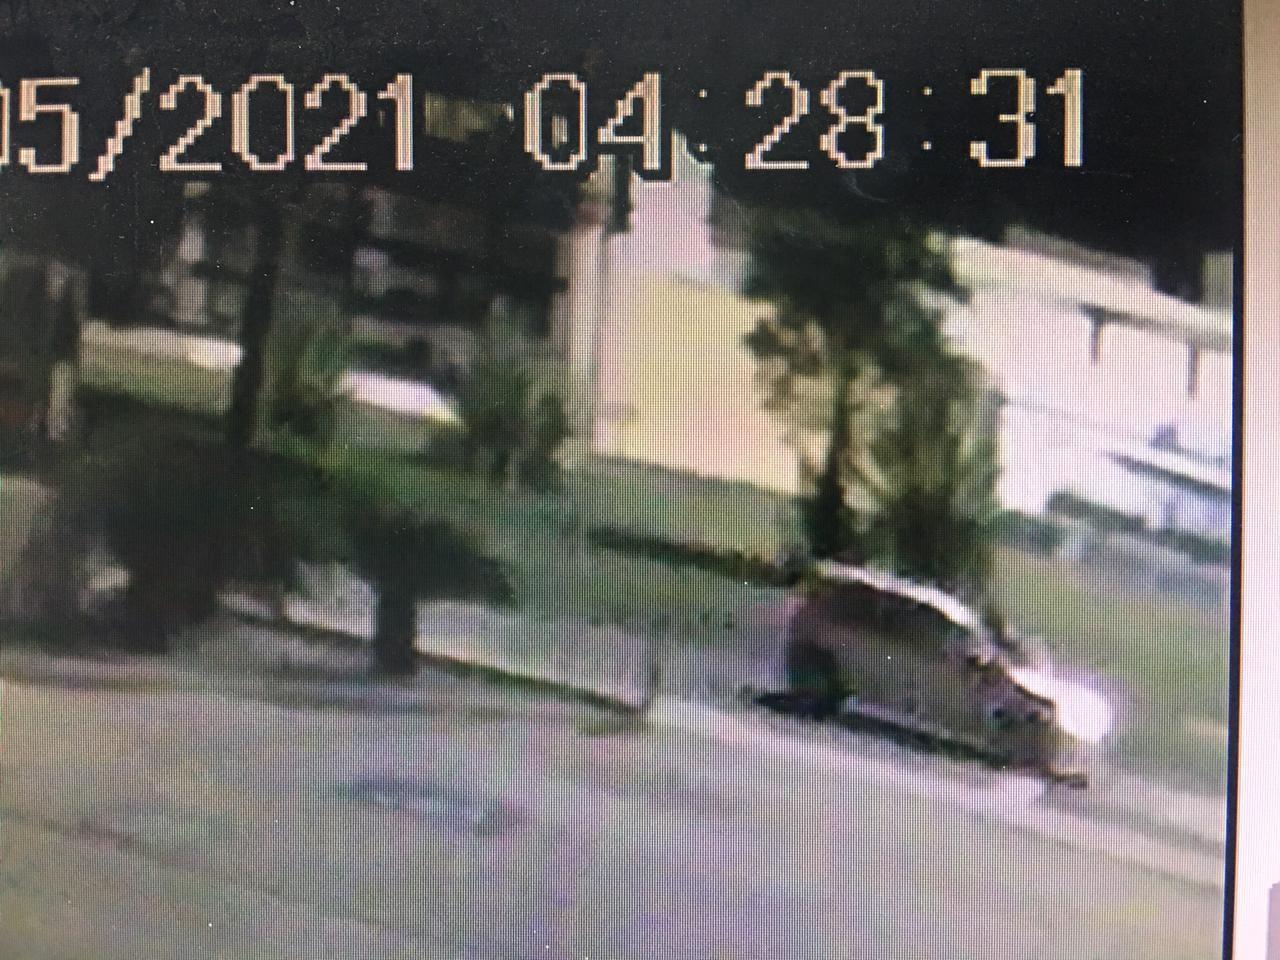 Rapaz que matou namorada que subiu no capô para impedi-lo de dirigir fala em 'brincadeira'; polícia tem imagens